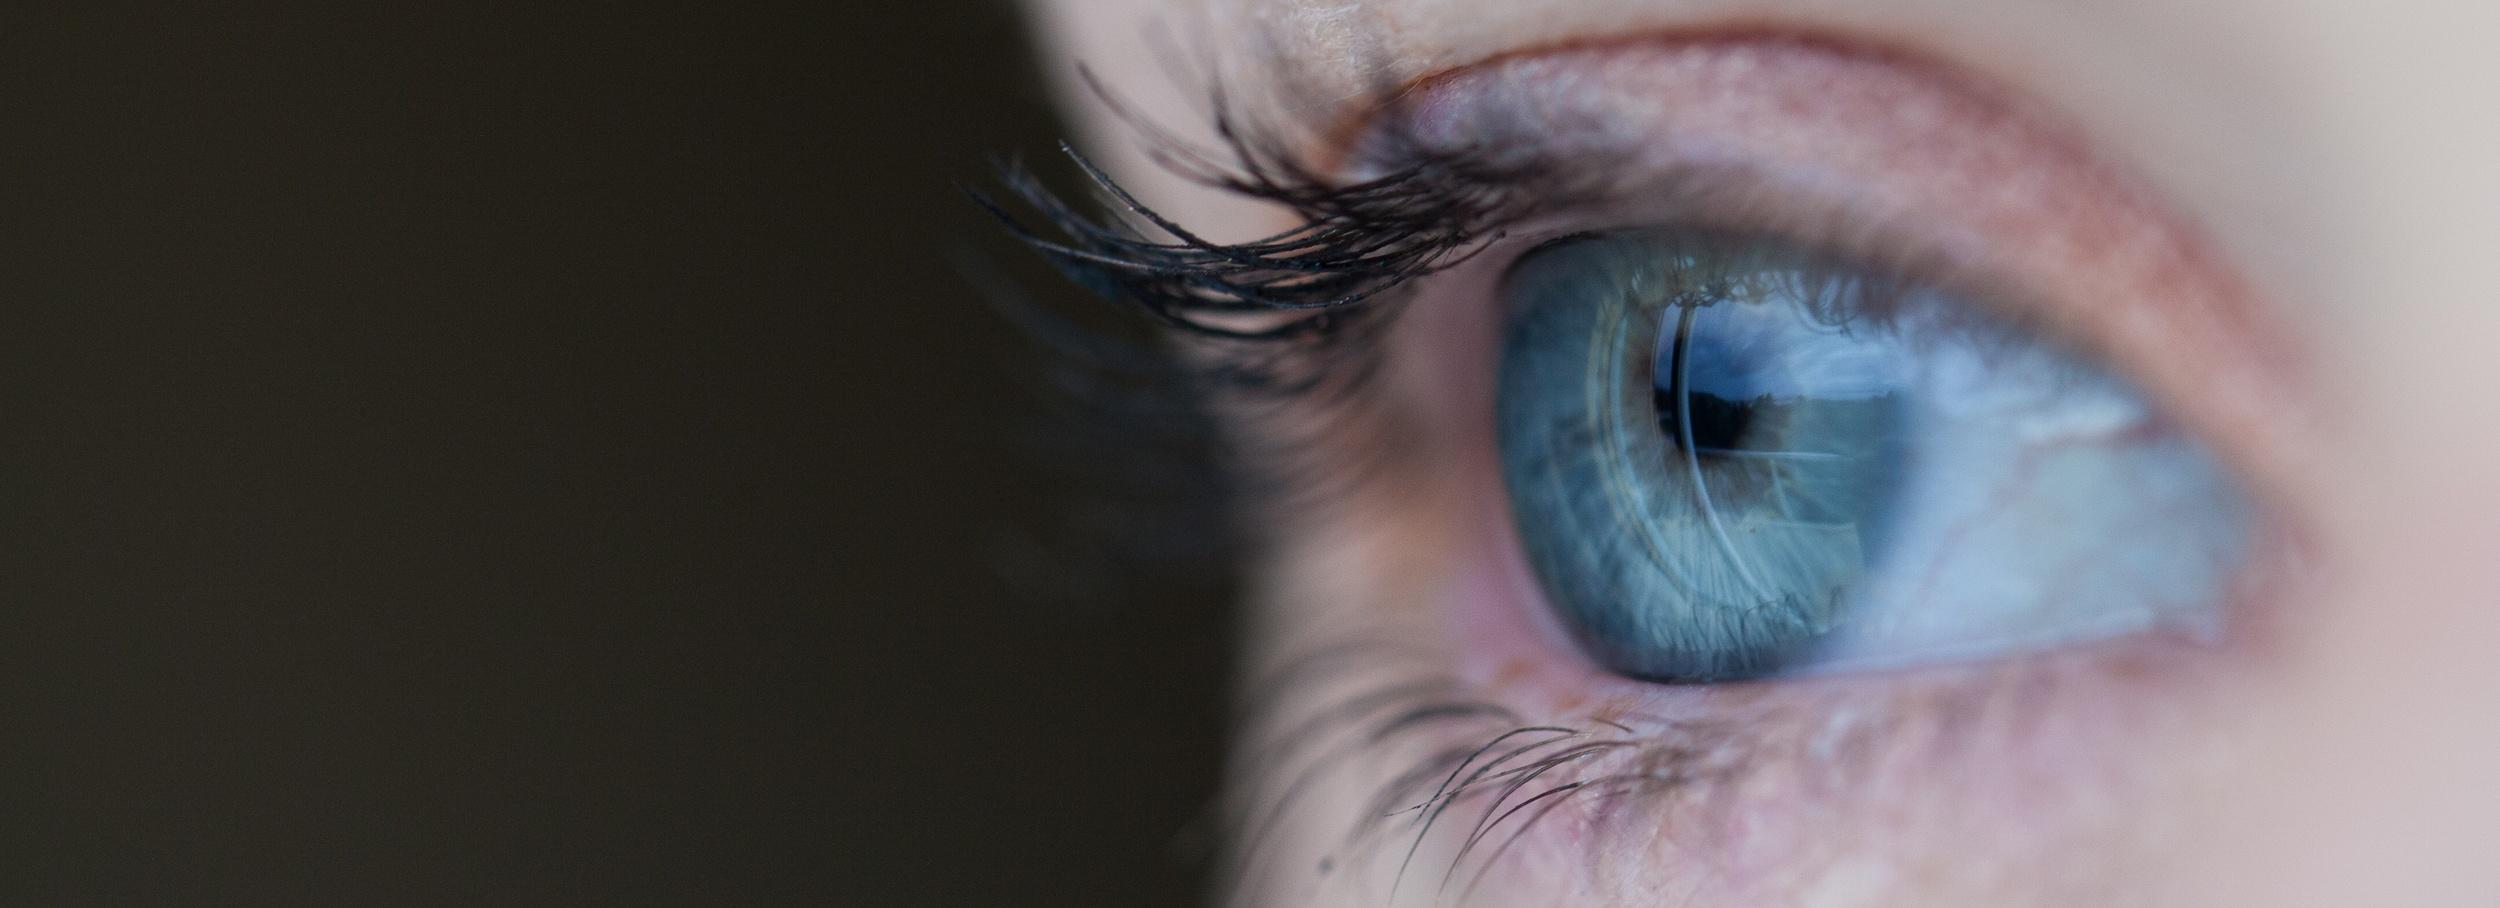 Das Auge als Mittel digitaler Kommunikation. (Foto: Sean Brown/Unsplash)